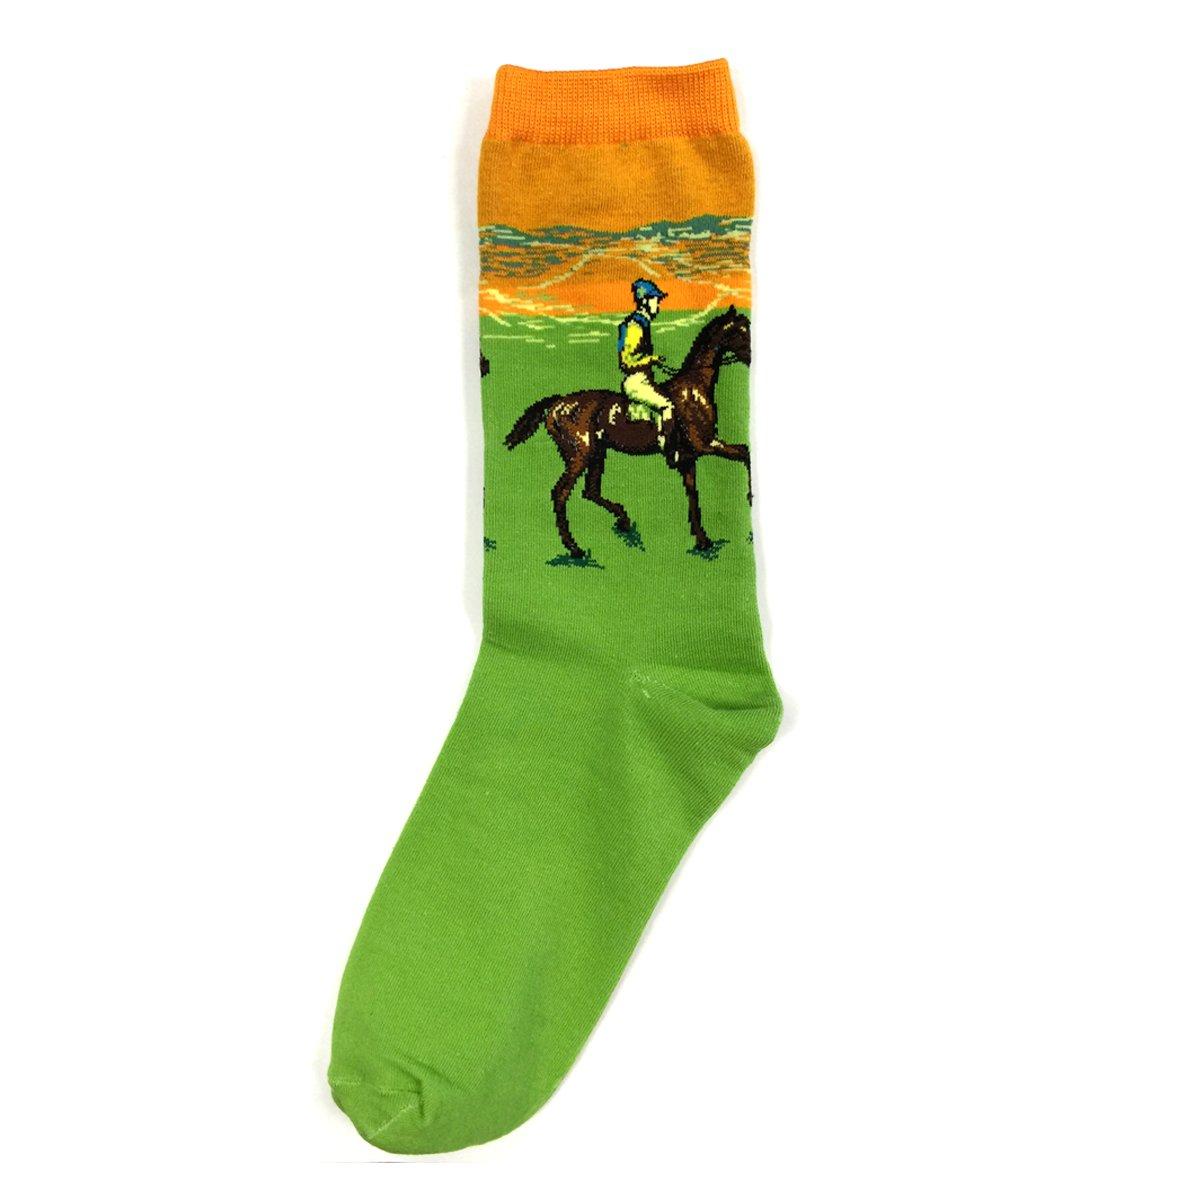 Wrapables famosa pintura obra de arte obras de arte tripulación calcetines (5 pares): Amazon.es: Ropa y accesorios